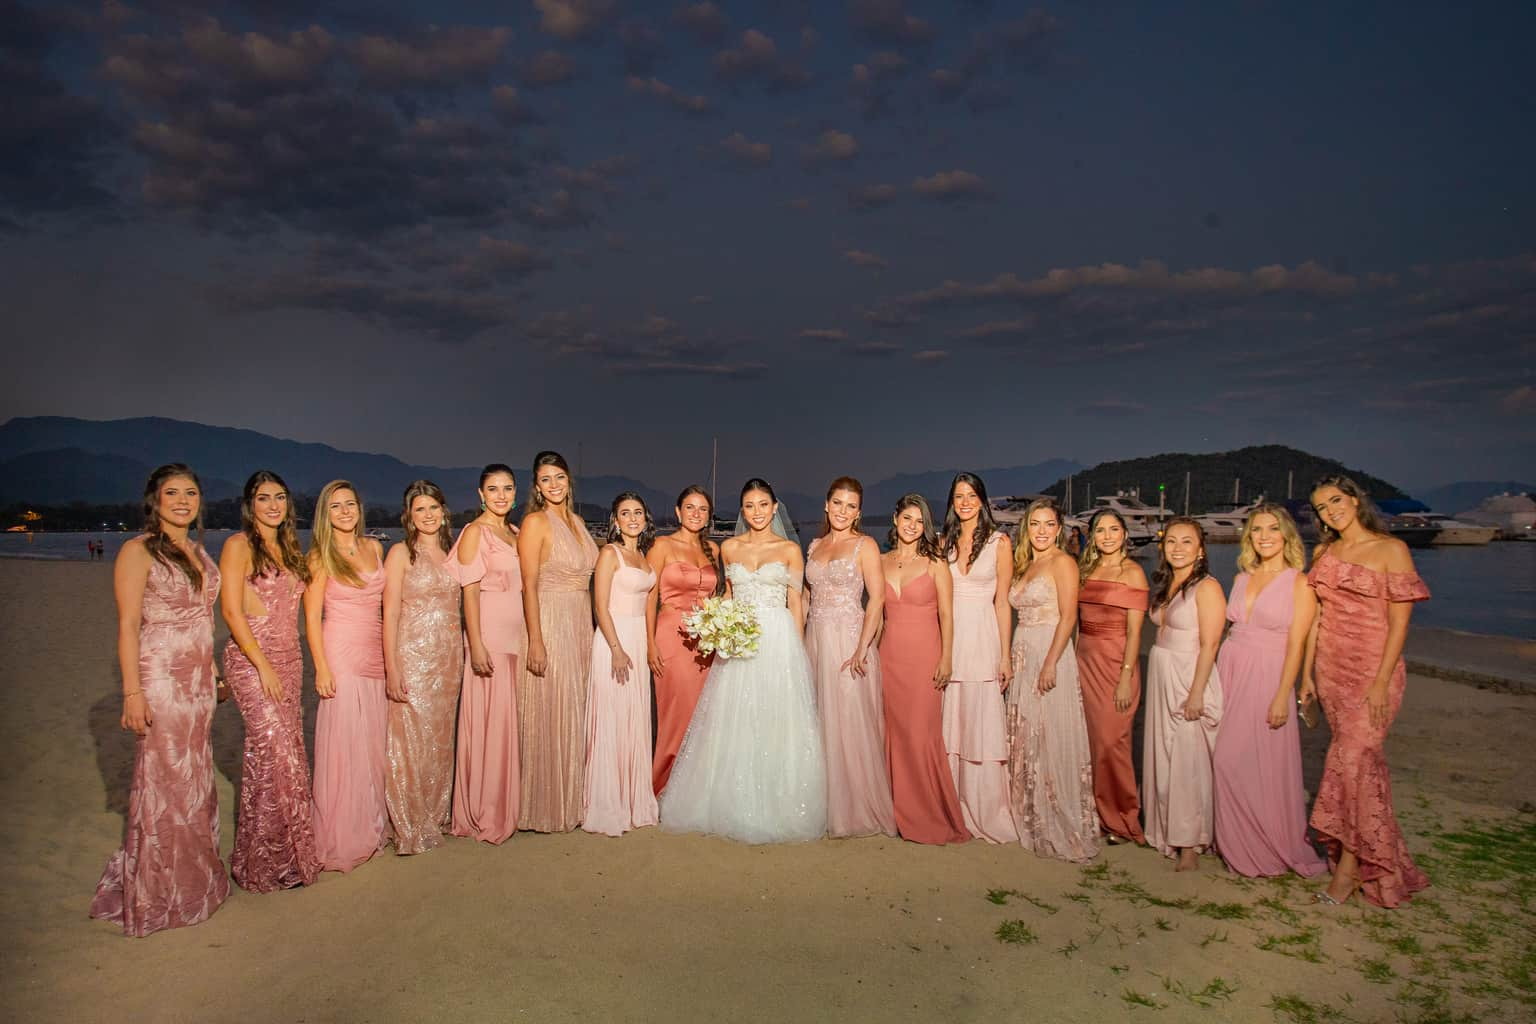 Casamento-Alissa-e-Gustavo-Cerimonial-Manu-Goncalez-Decor-Andrea-Kapps-Fasano-Angra-dos-Reis-Foto-VRebel-G-Junior-Making-of838